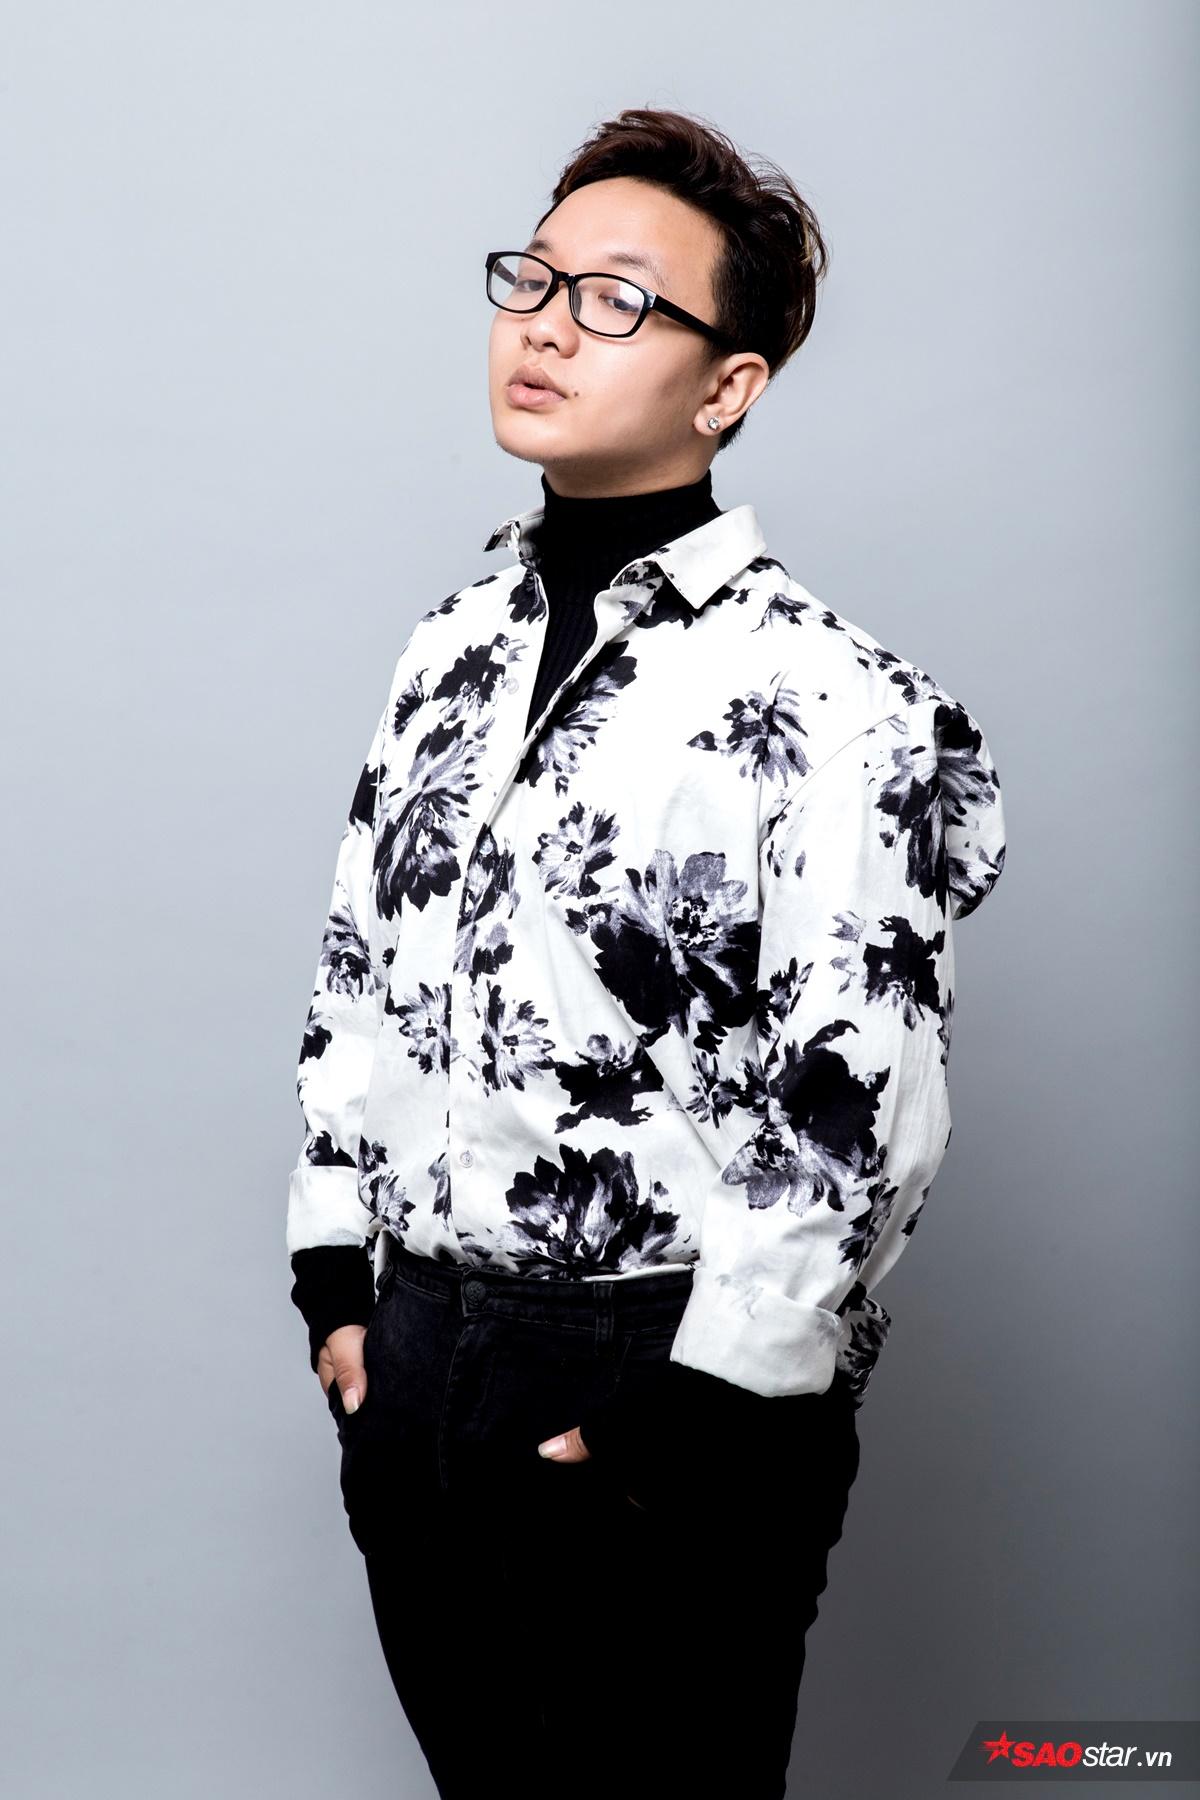 Hoàng Dũng chọn áo thun cao cổ với sơmi họa tiết phía ngoài. Cách xắn tay áo sơmi để lộ áo trong là một trong những kiểu phối đồ được nhiều bạn trẻ áp dụng hiện nay. Bên cạnh đó, skinny jeans luôn là lựa chọn số 1 của anh chàng này.